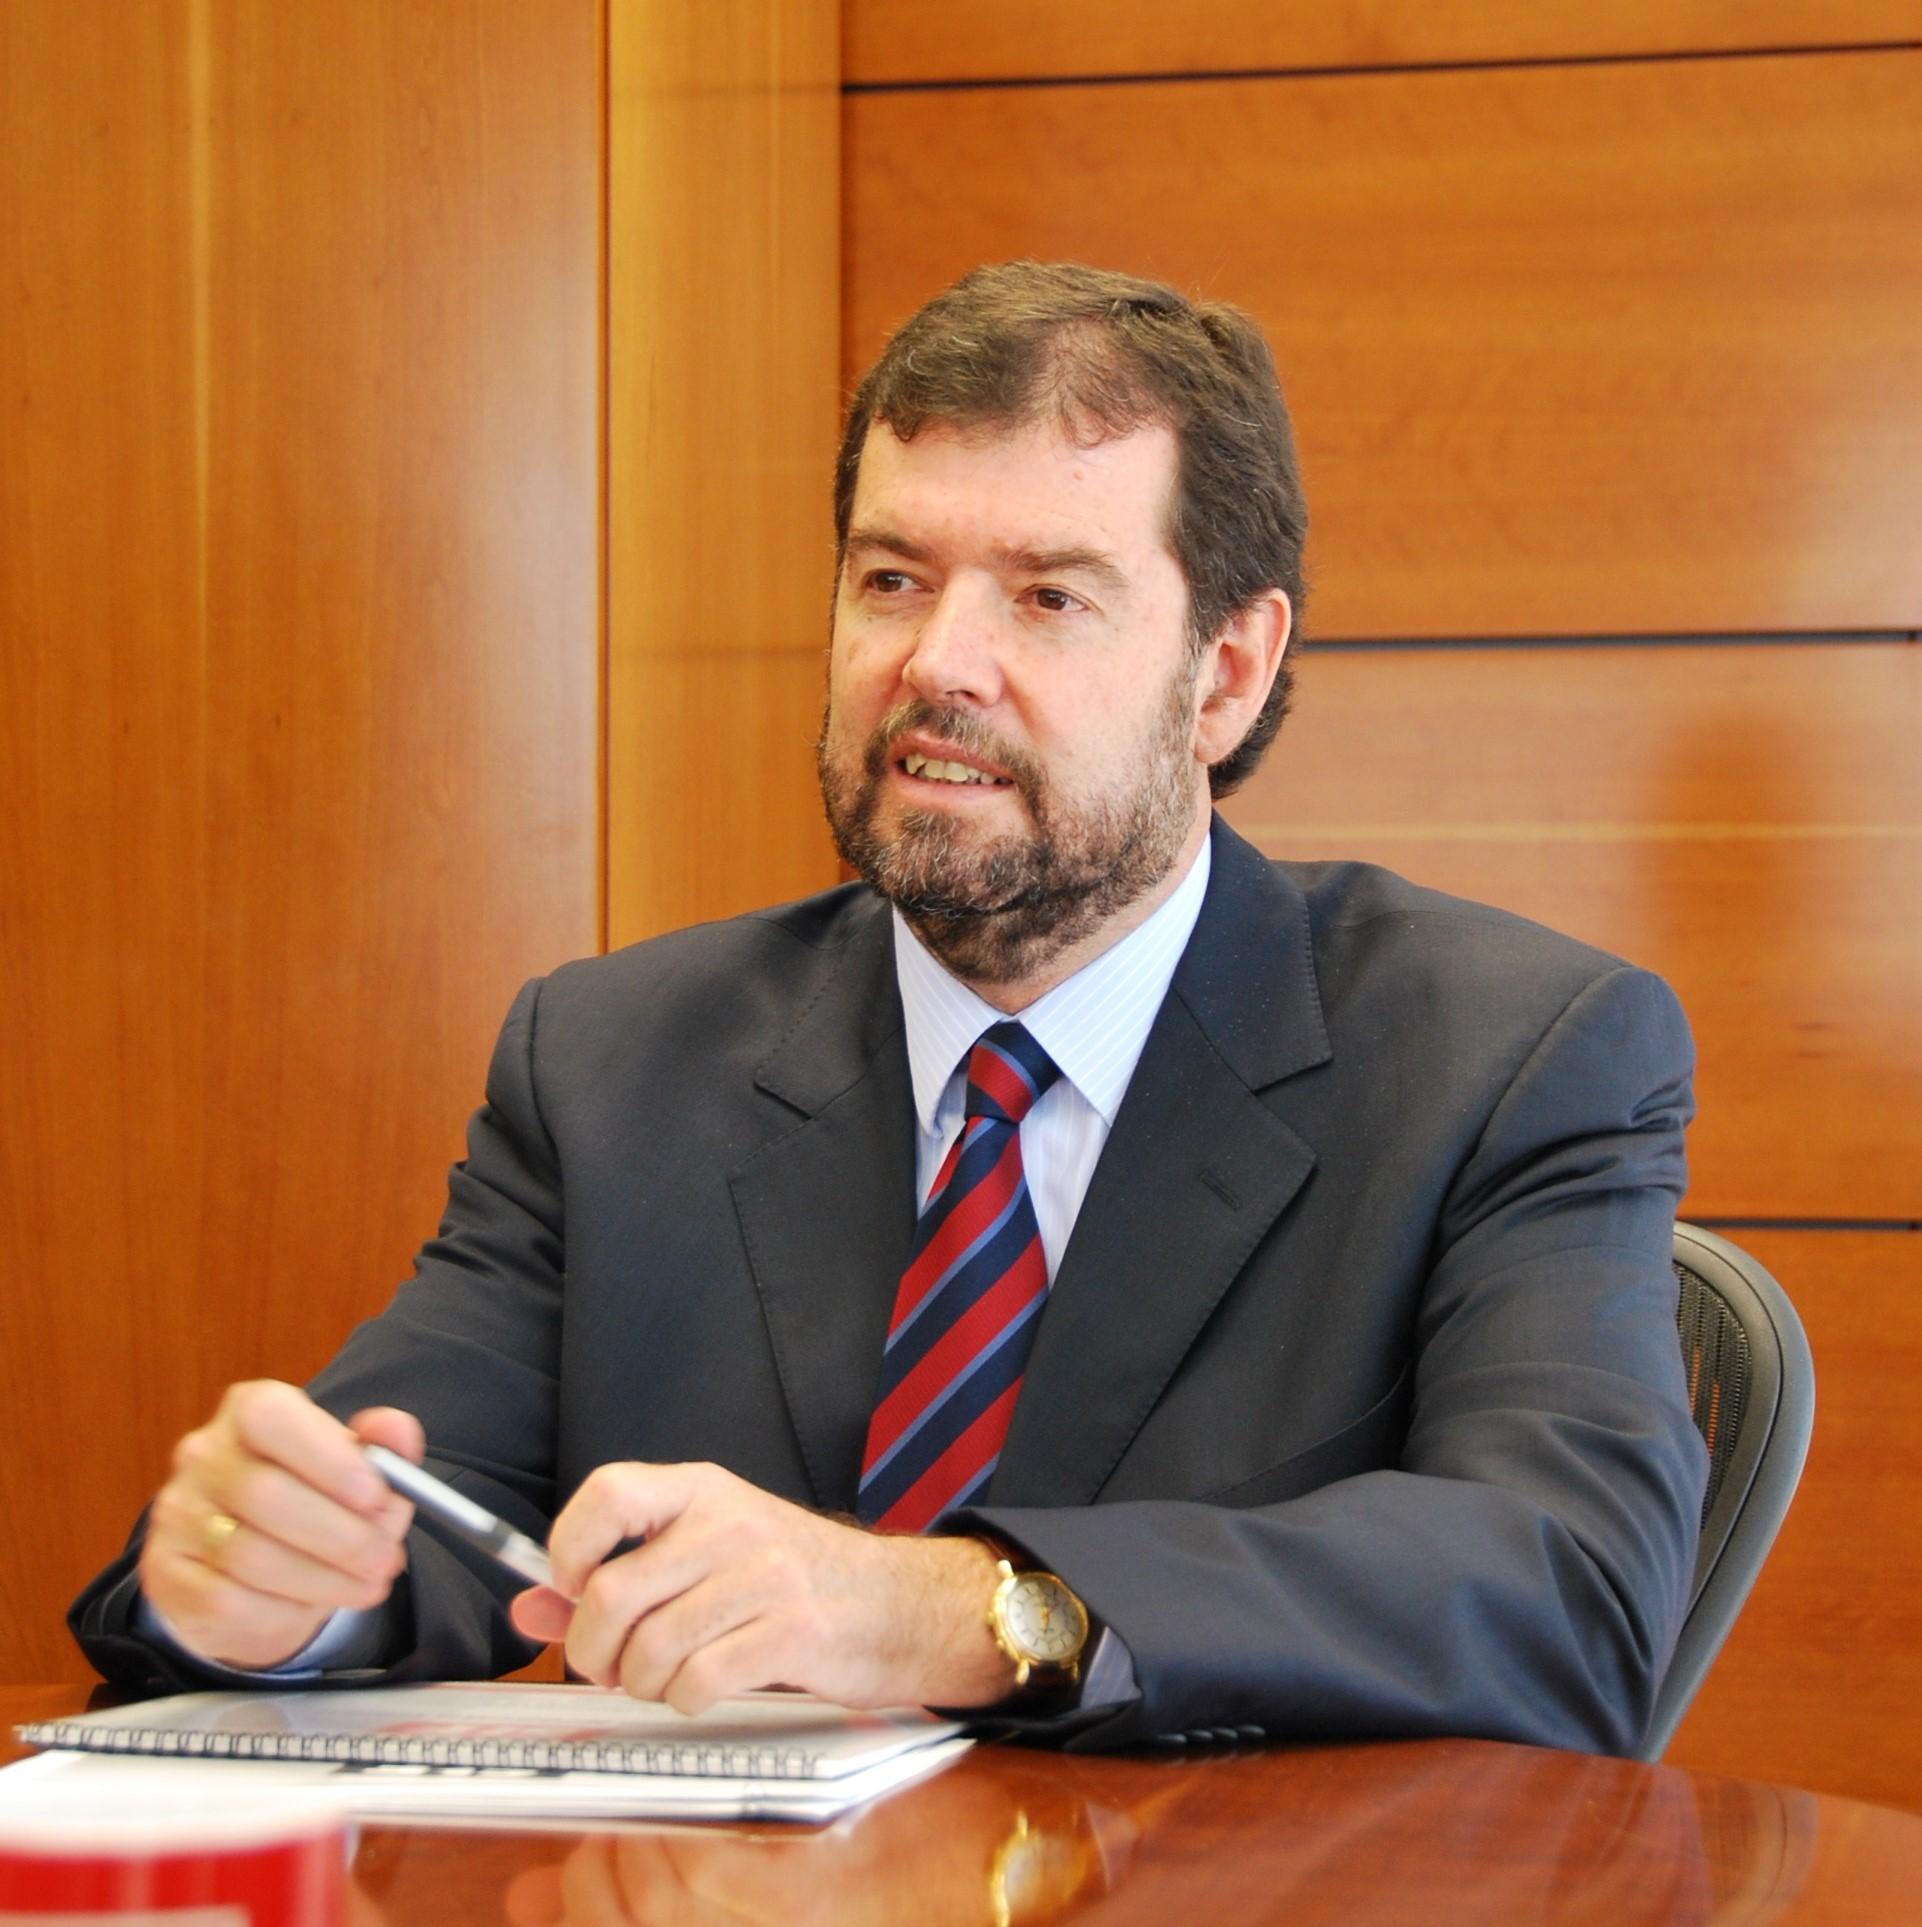 Javier Gavito